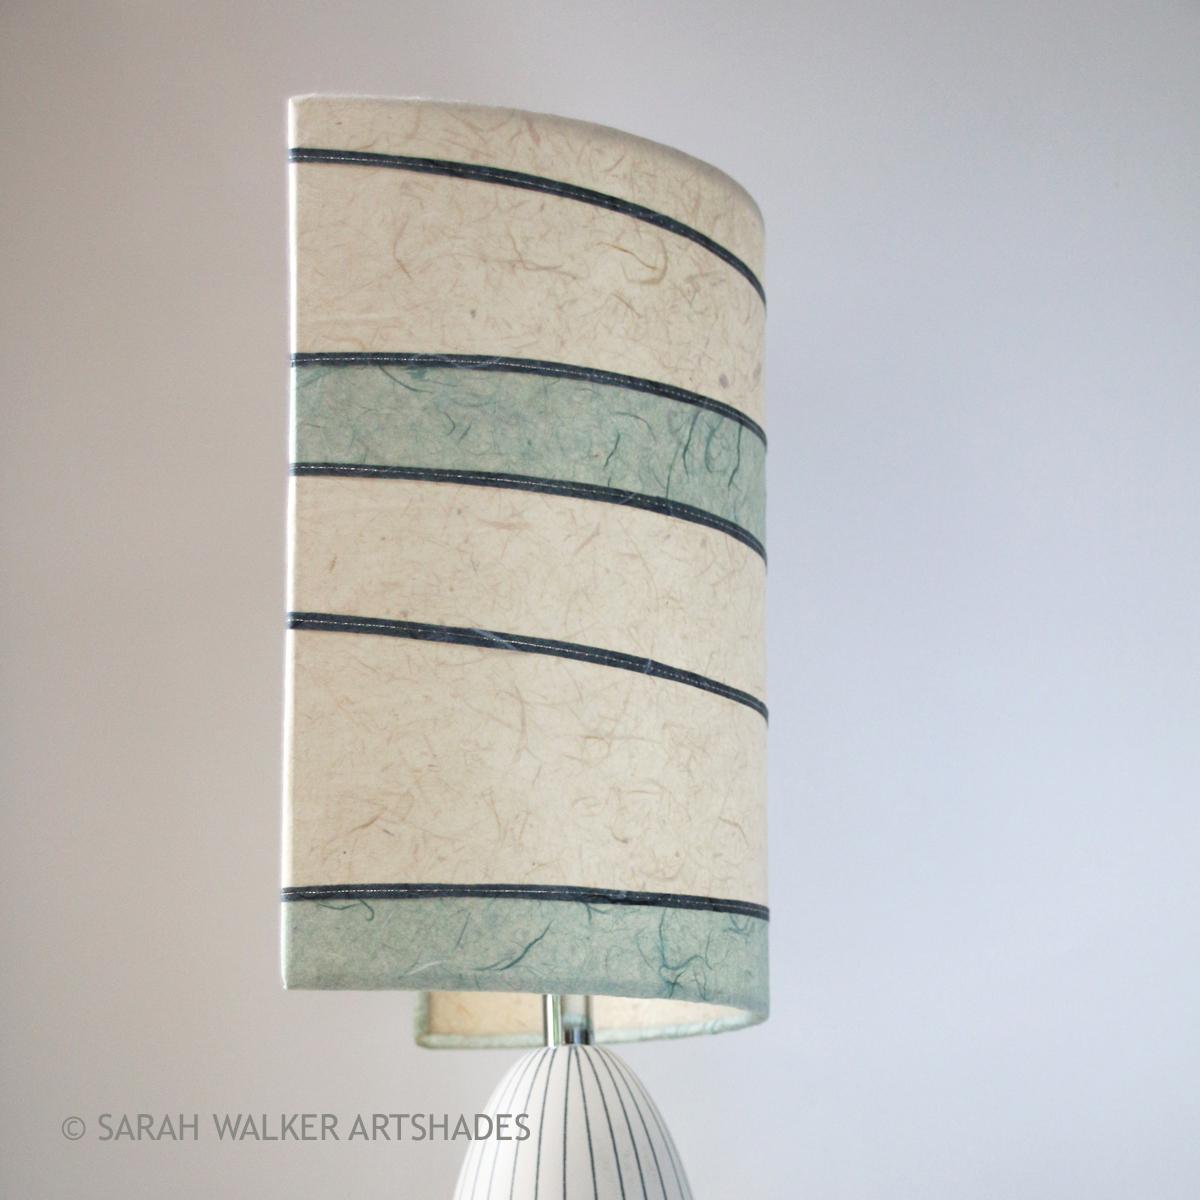 Half Shade Table Lamps Sarah Walker Artshades